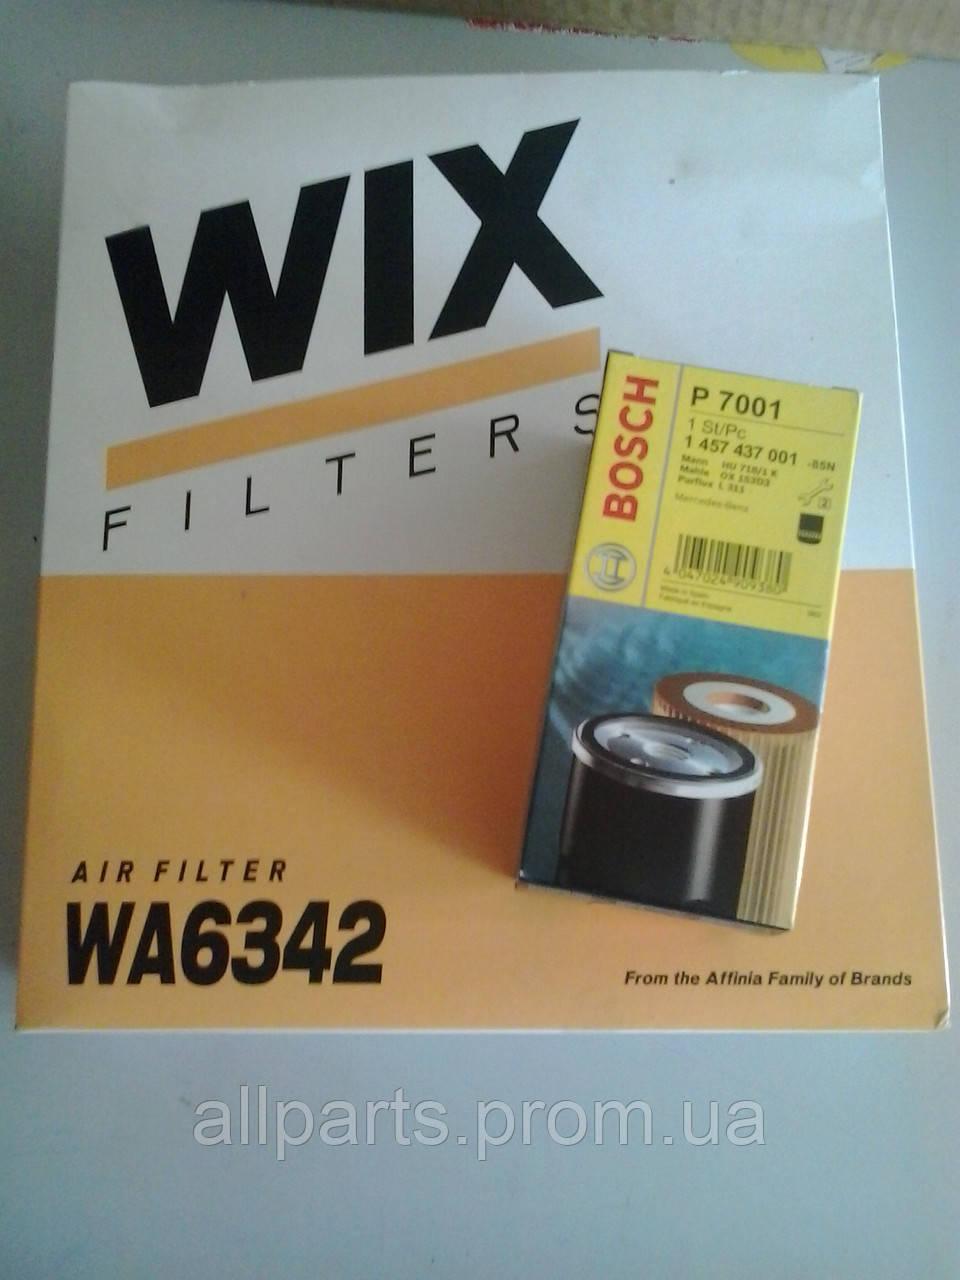 Воздушный фильтр Mercedes Sprinter / Vito производителя Wix Filters